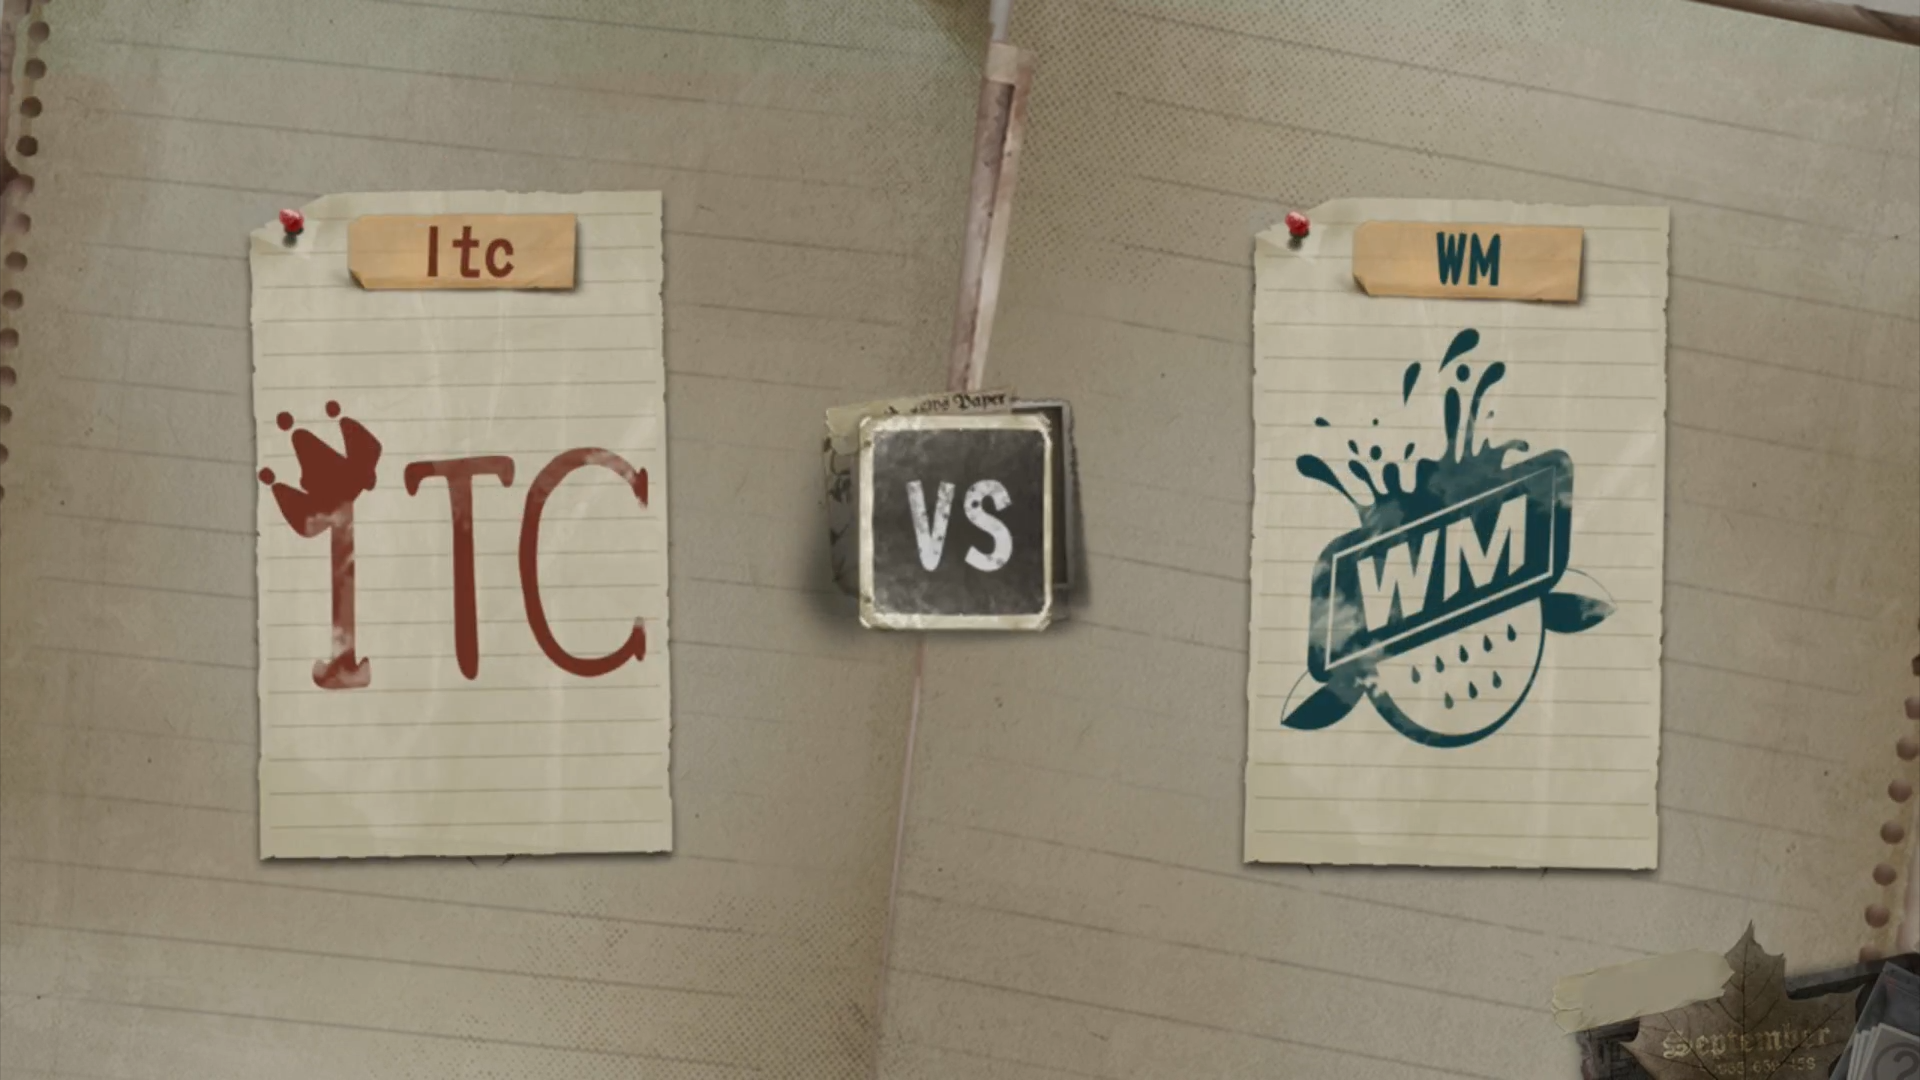 8月11日,周日,败者组第二轮 Itc vs WM